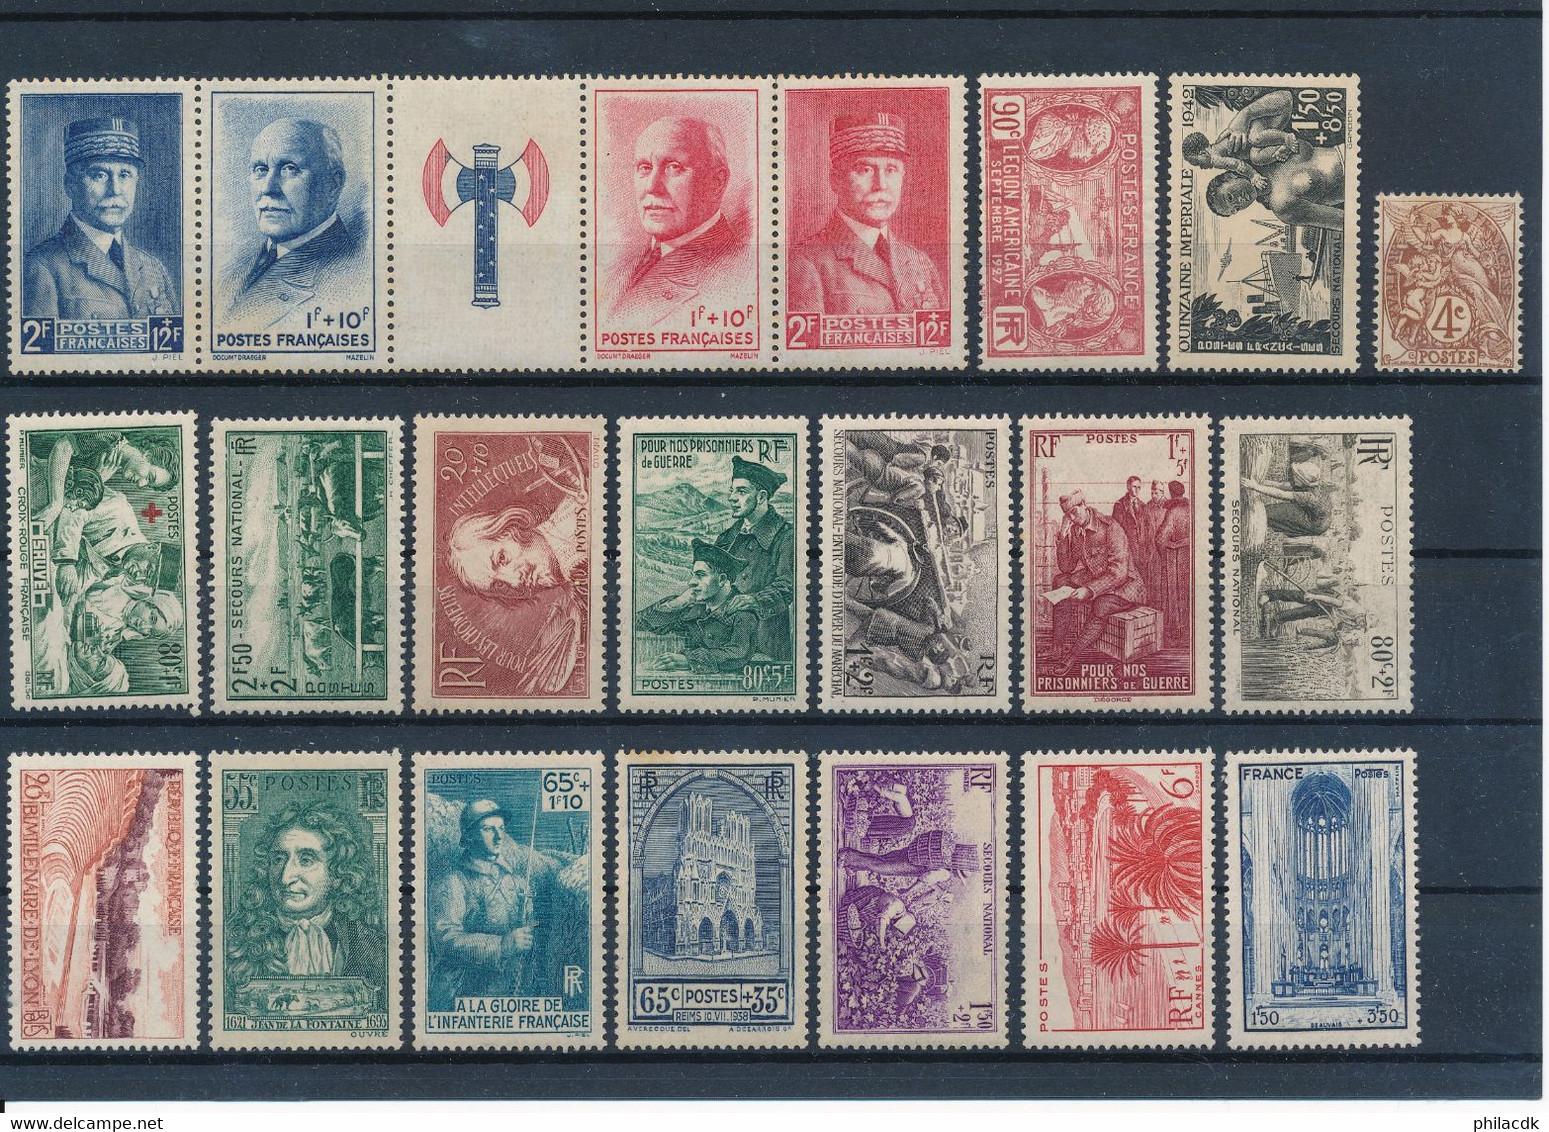 FRANCE - BEAU LOT DE 395 TIMBRES NEUFS* MAJORITAIREMENT AVANT 1940 AVEC GOMME ALTEREE OU CHARNIERE - VOIR SCANNS - Collections